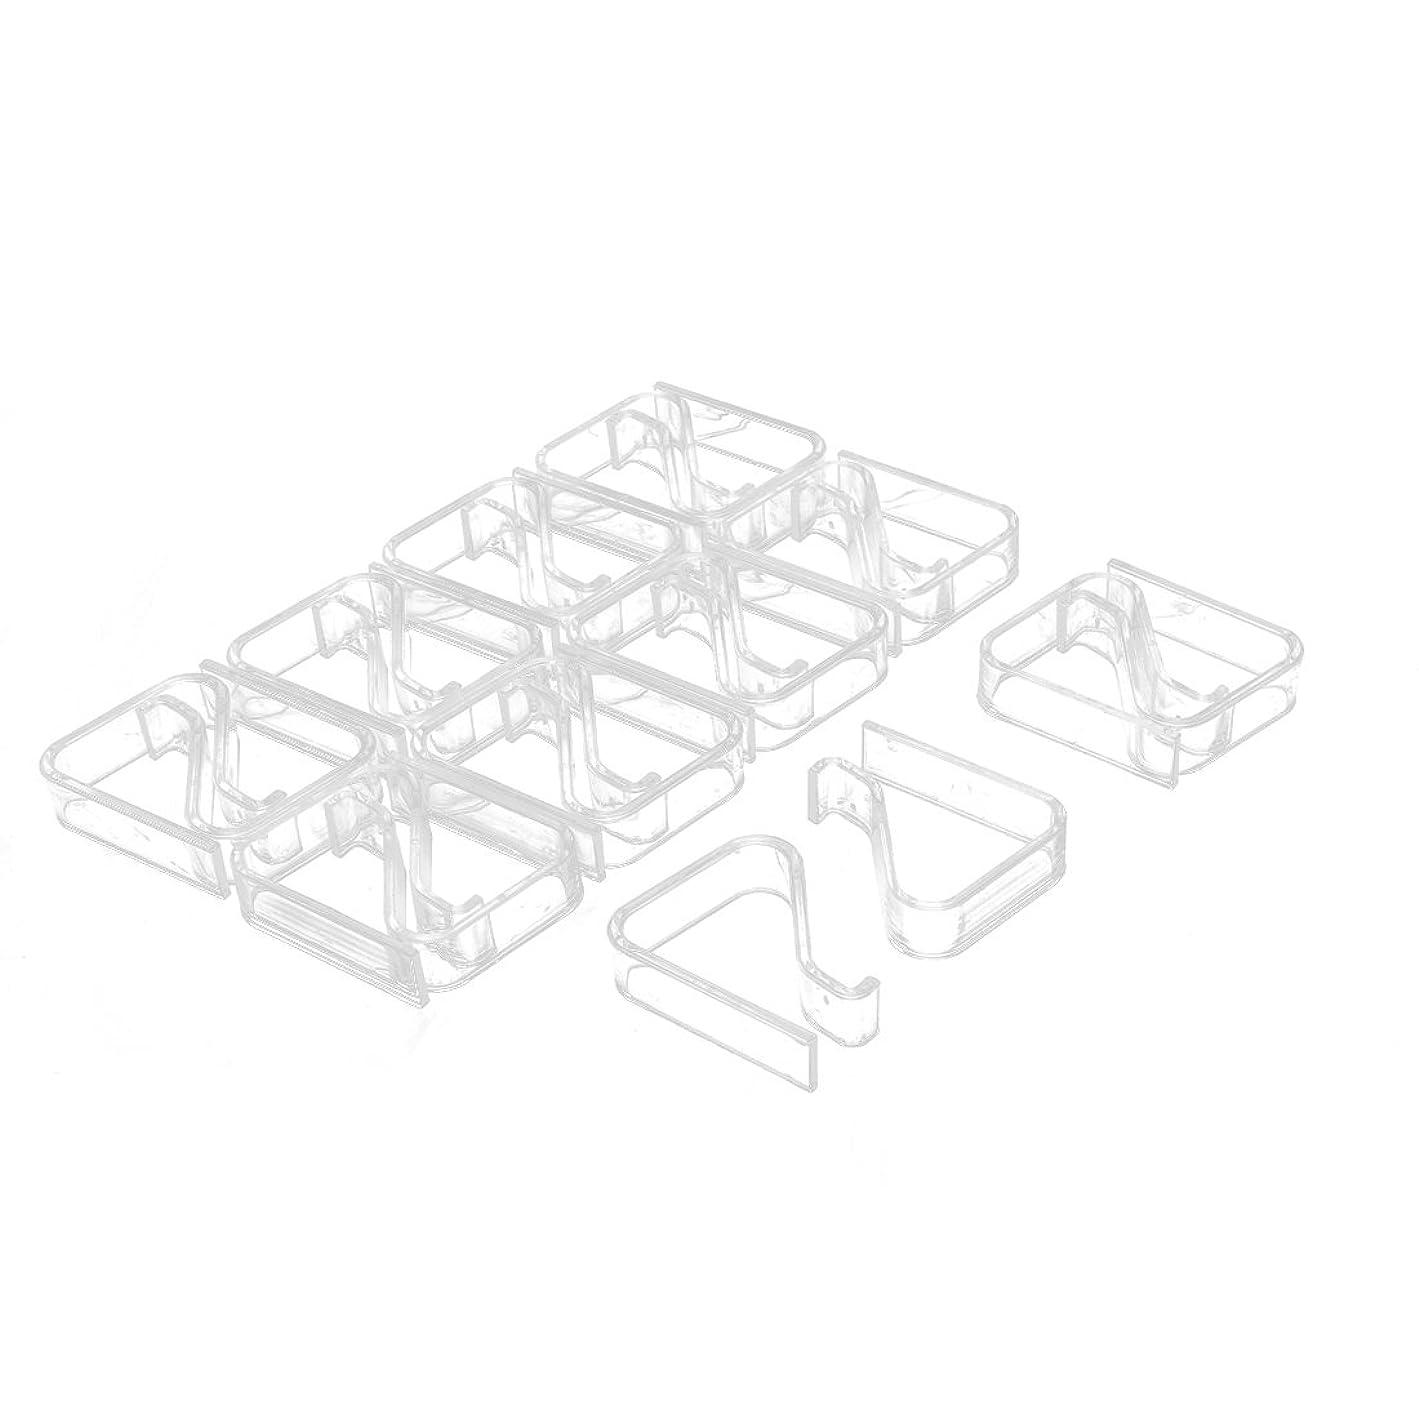 立ち寄るダブル量uxcell テーブルクロスクリップ テーブルクロス止め クリップ クランプ ホルダー プラスチック製 2-3.5cm 20個入り